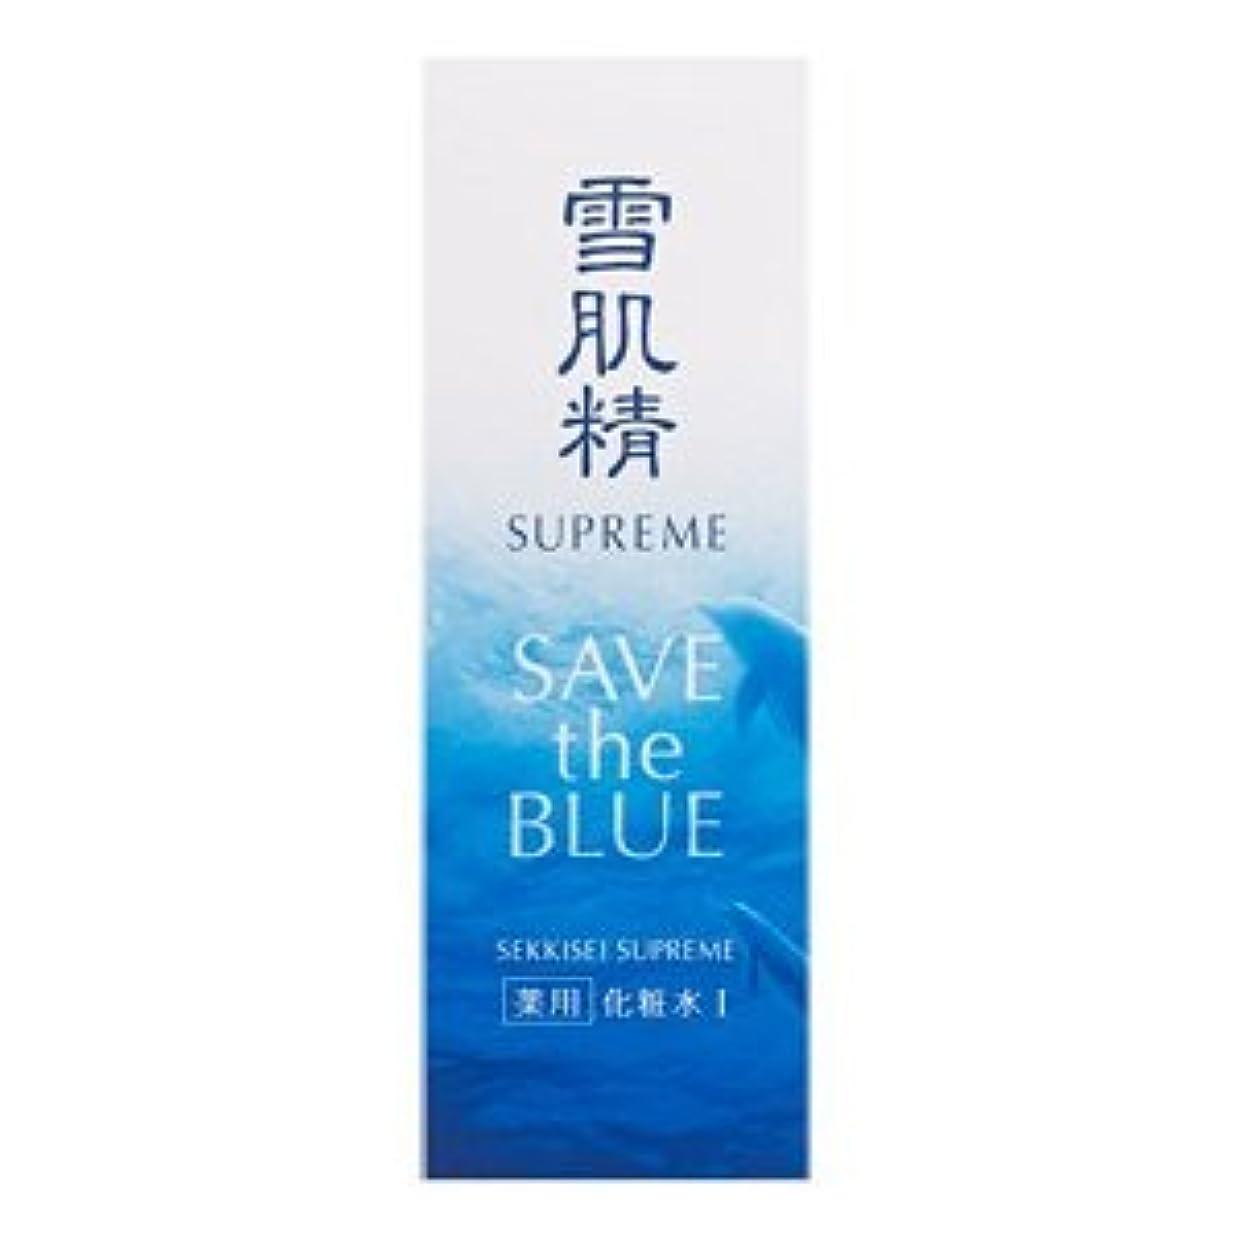 汚染された是正する宿題をするコーセー 雪肌精 シュープレム 化粧水 Ⅰ みずみずしいうるおい 400ml アウトレット